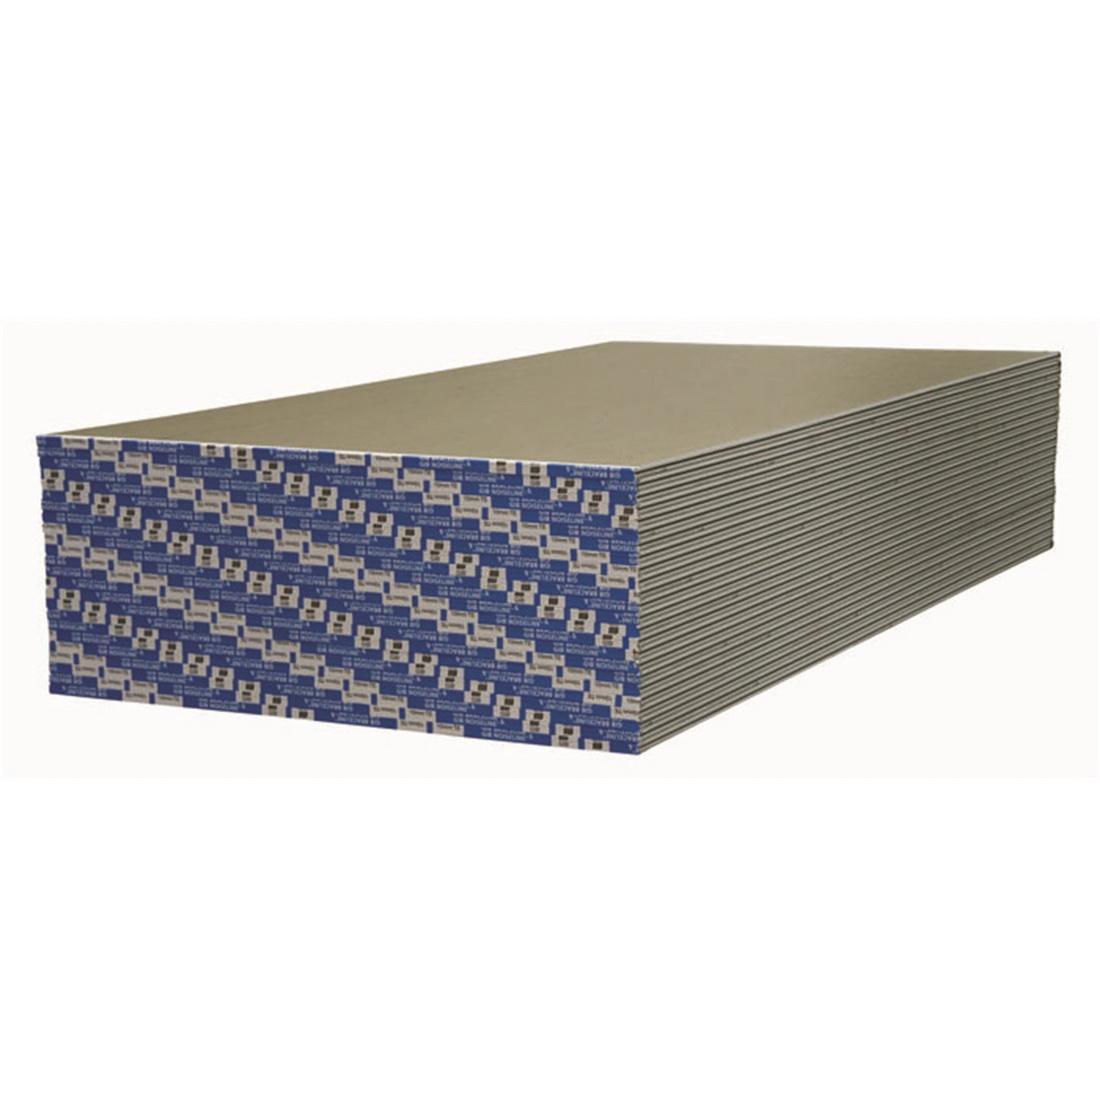 Braceline Noiseline Plasterboard 2400 x 1200 x 10mm 15054